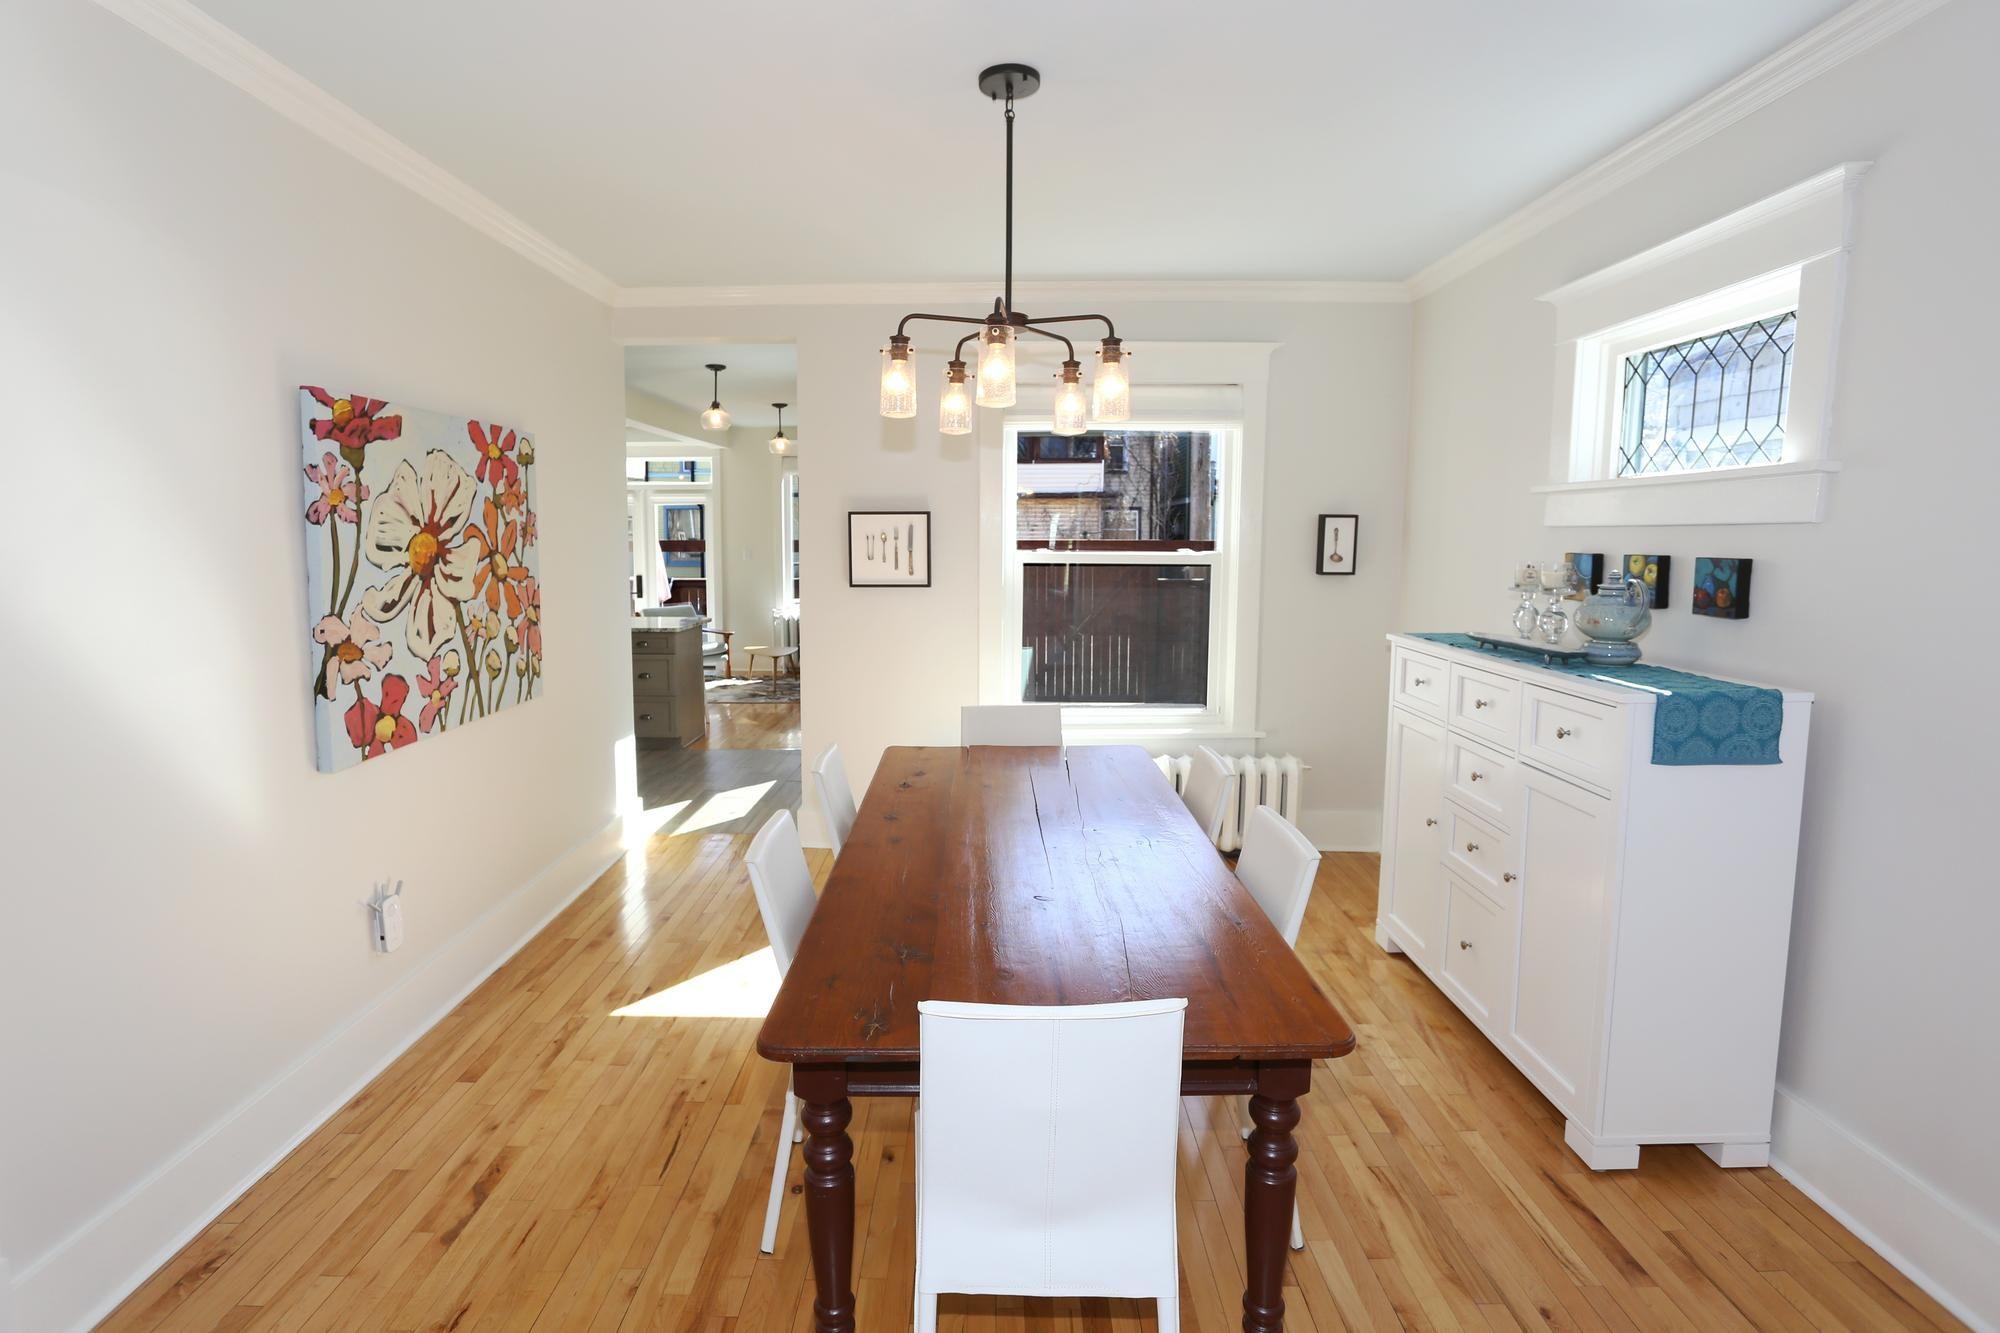 Photo 12: Photos: 121 Ruby Street in Winnipeg: Wolseley Single Family Detached for sale (5B)  : MLS®# 1808798